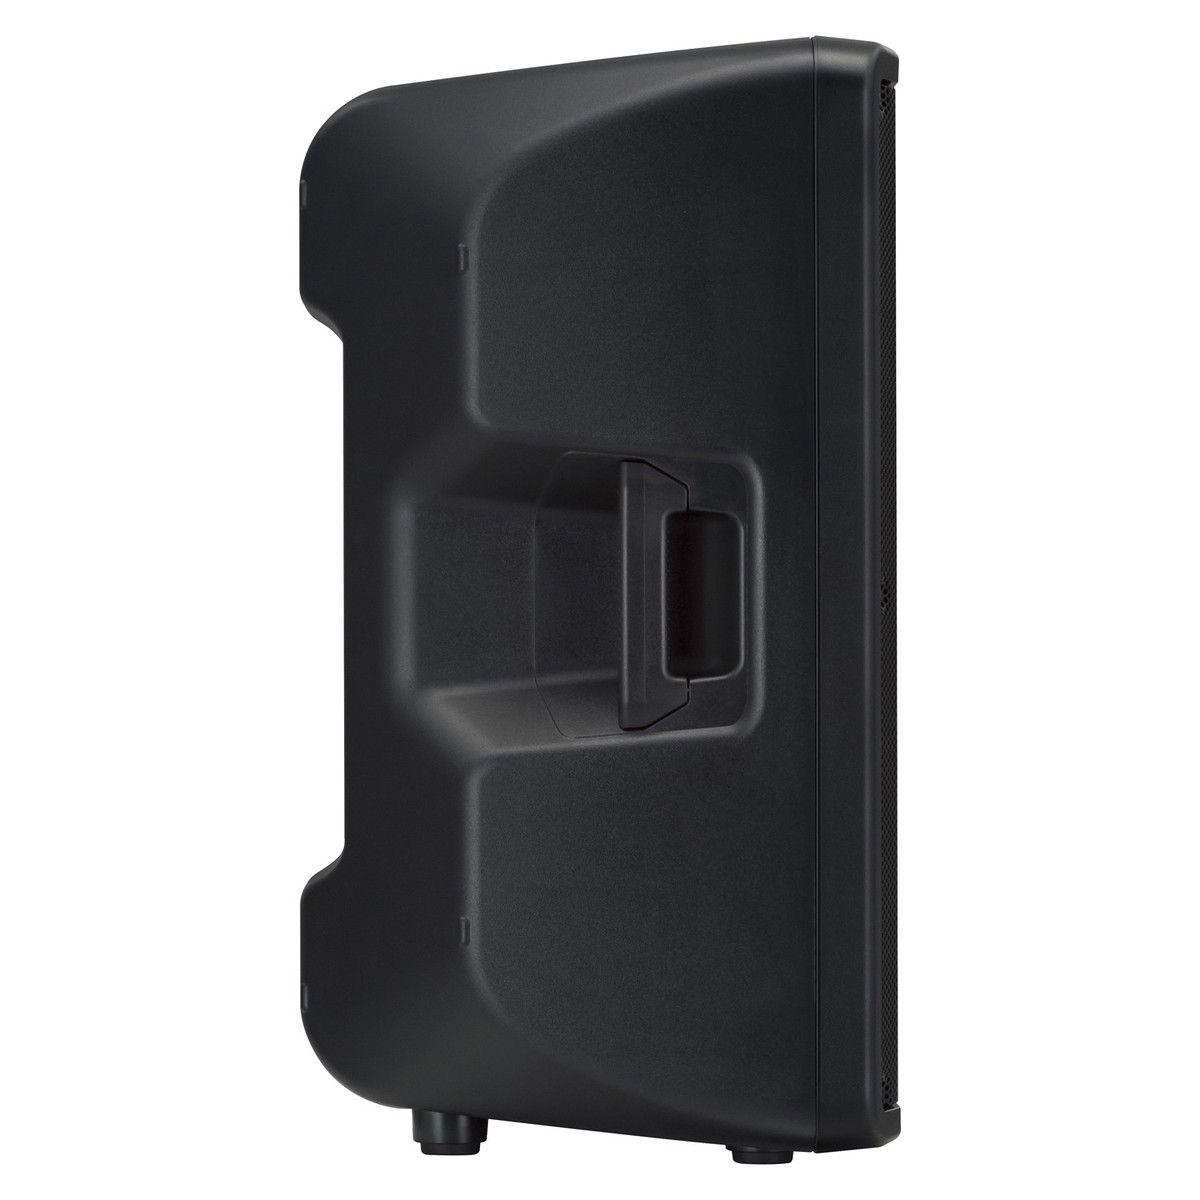 Caixa acústica 2 vias bi-amplificada | 15 polegadas | 465W RMS | 132db SPL | Yamaha | DBR15